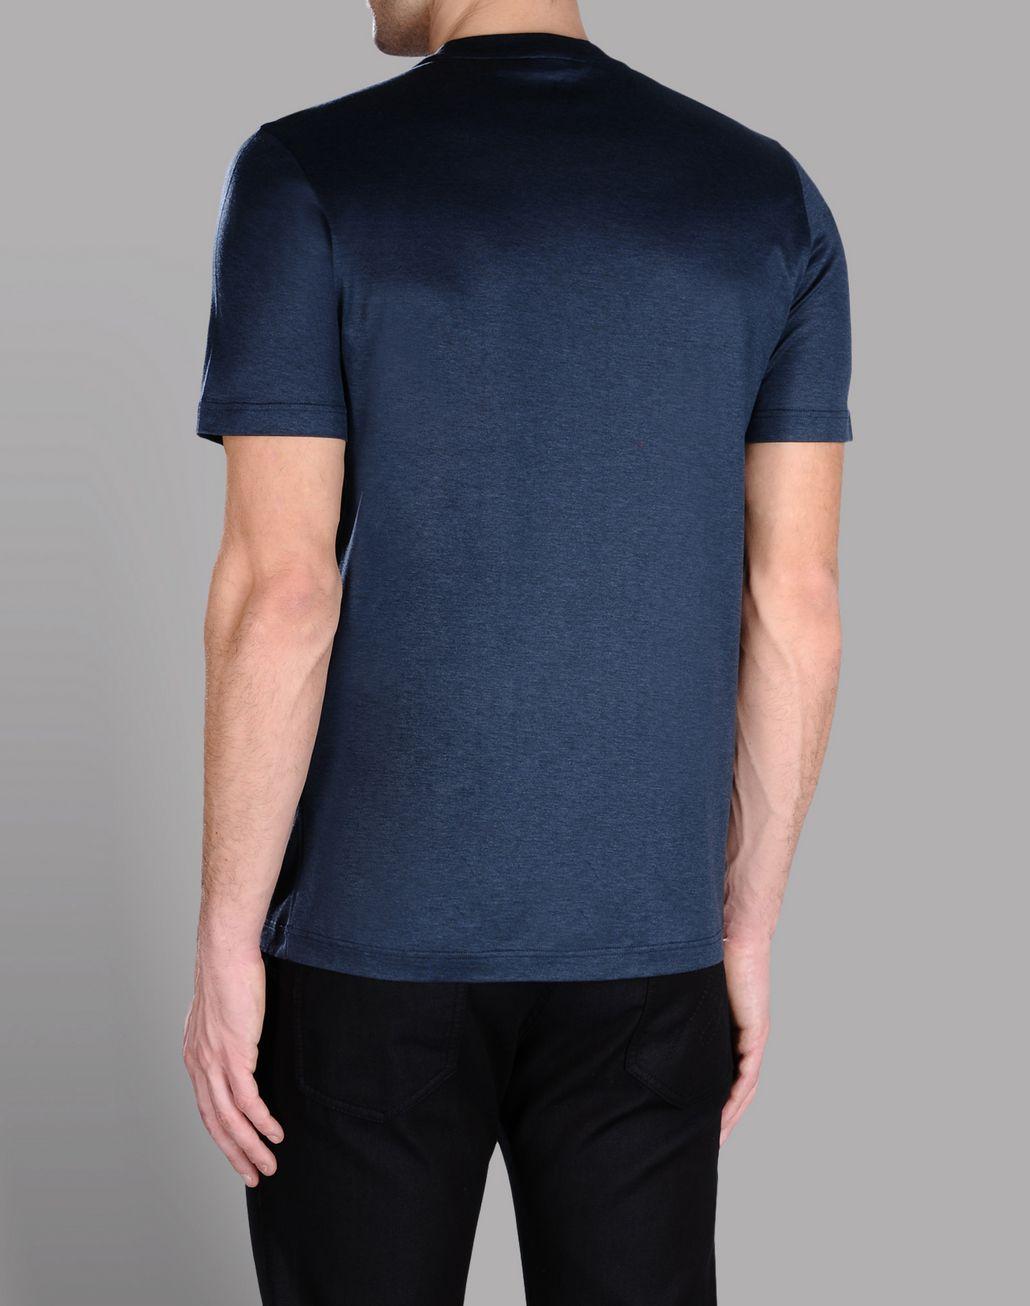 Brioni Men S T Shirts Polos Brioni Official Online Store